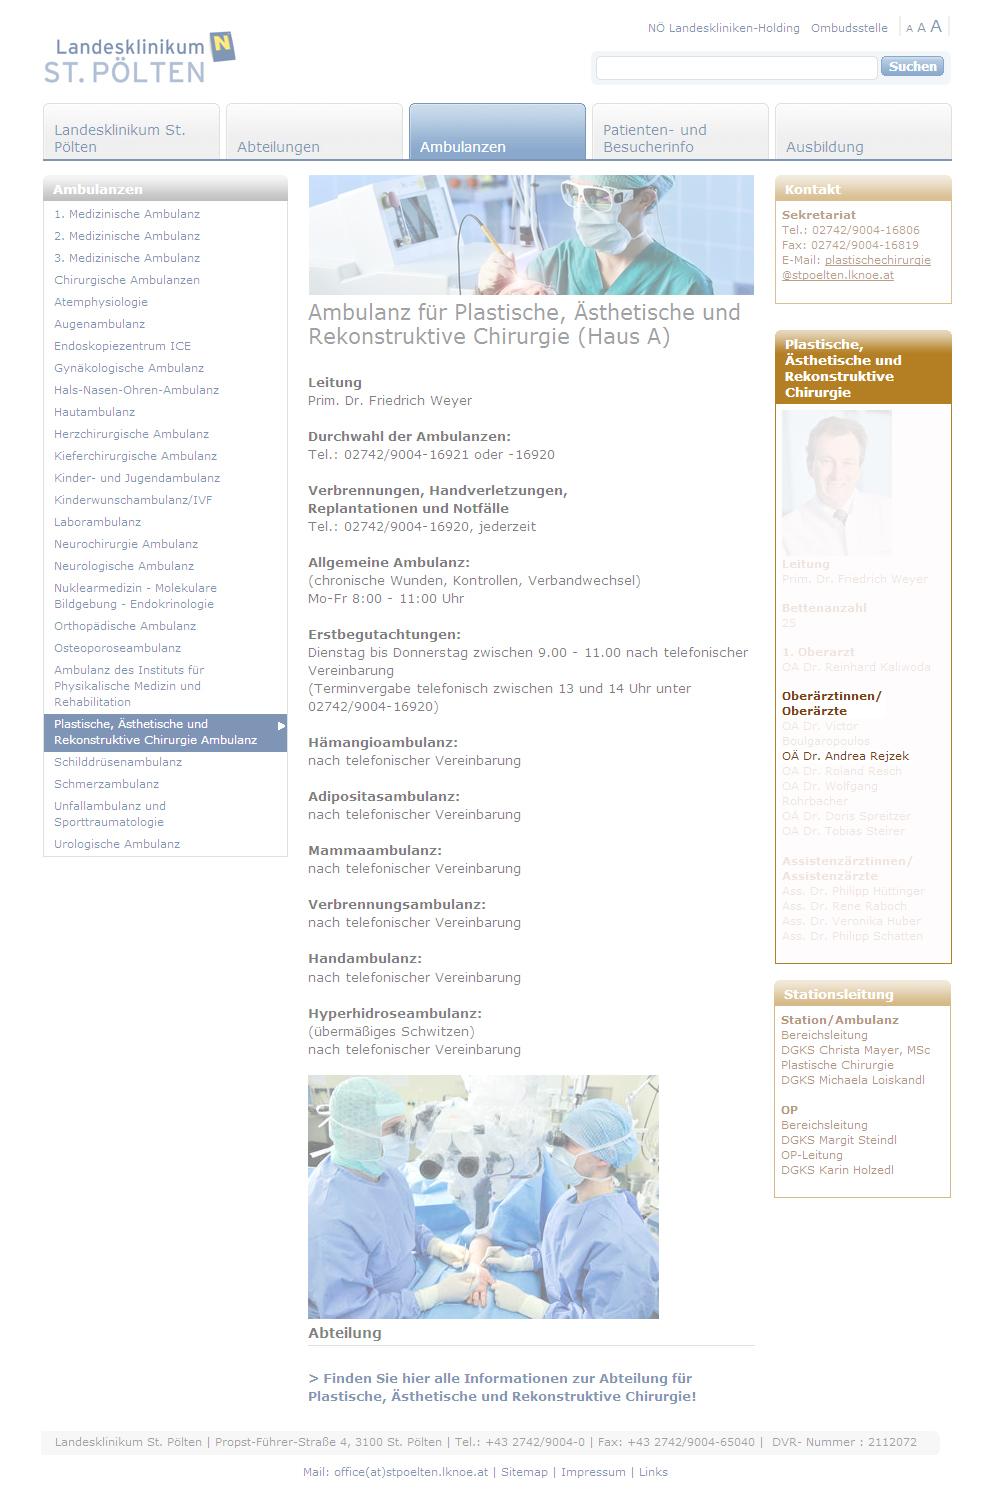 Dr. med. Andrea Rejzek bei der Landesklinikum ST. PÖLTEN